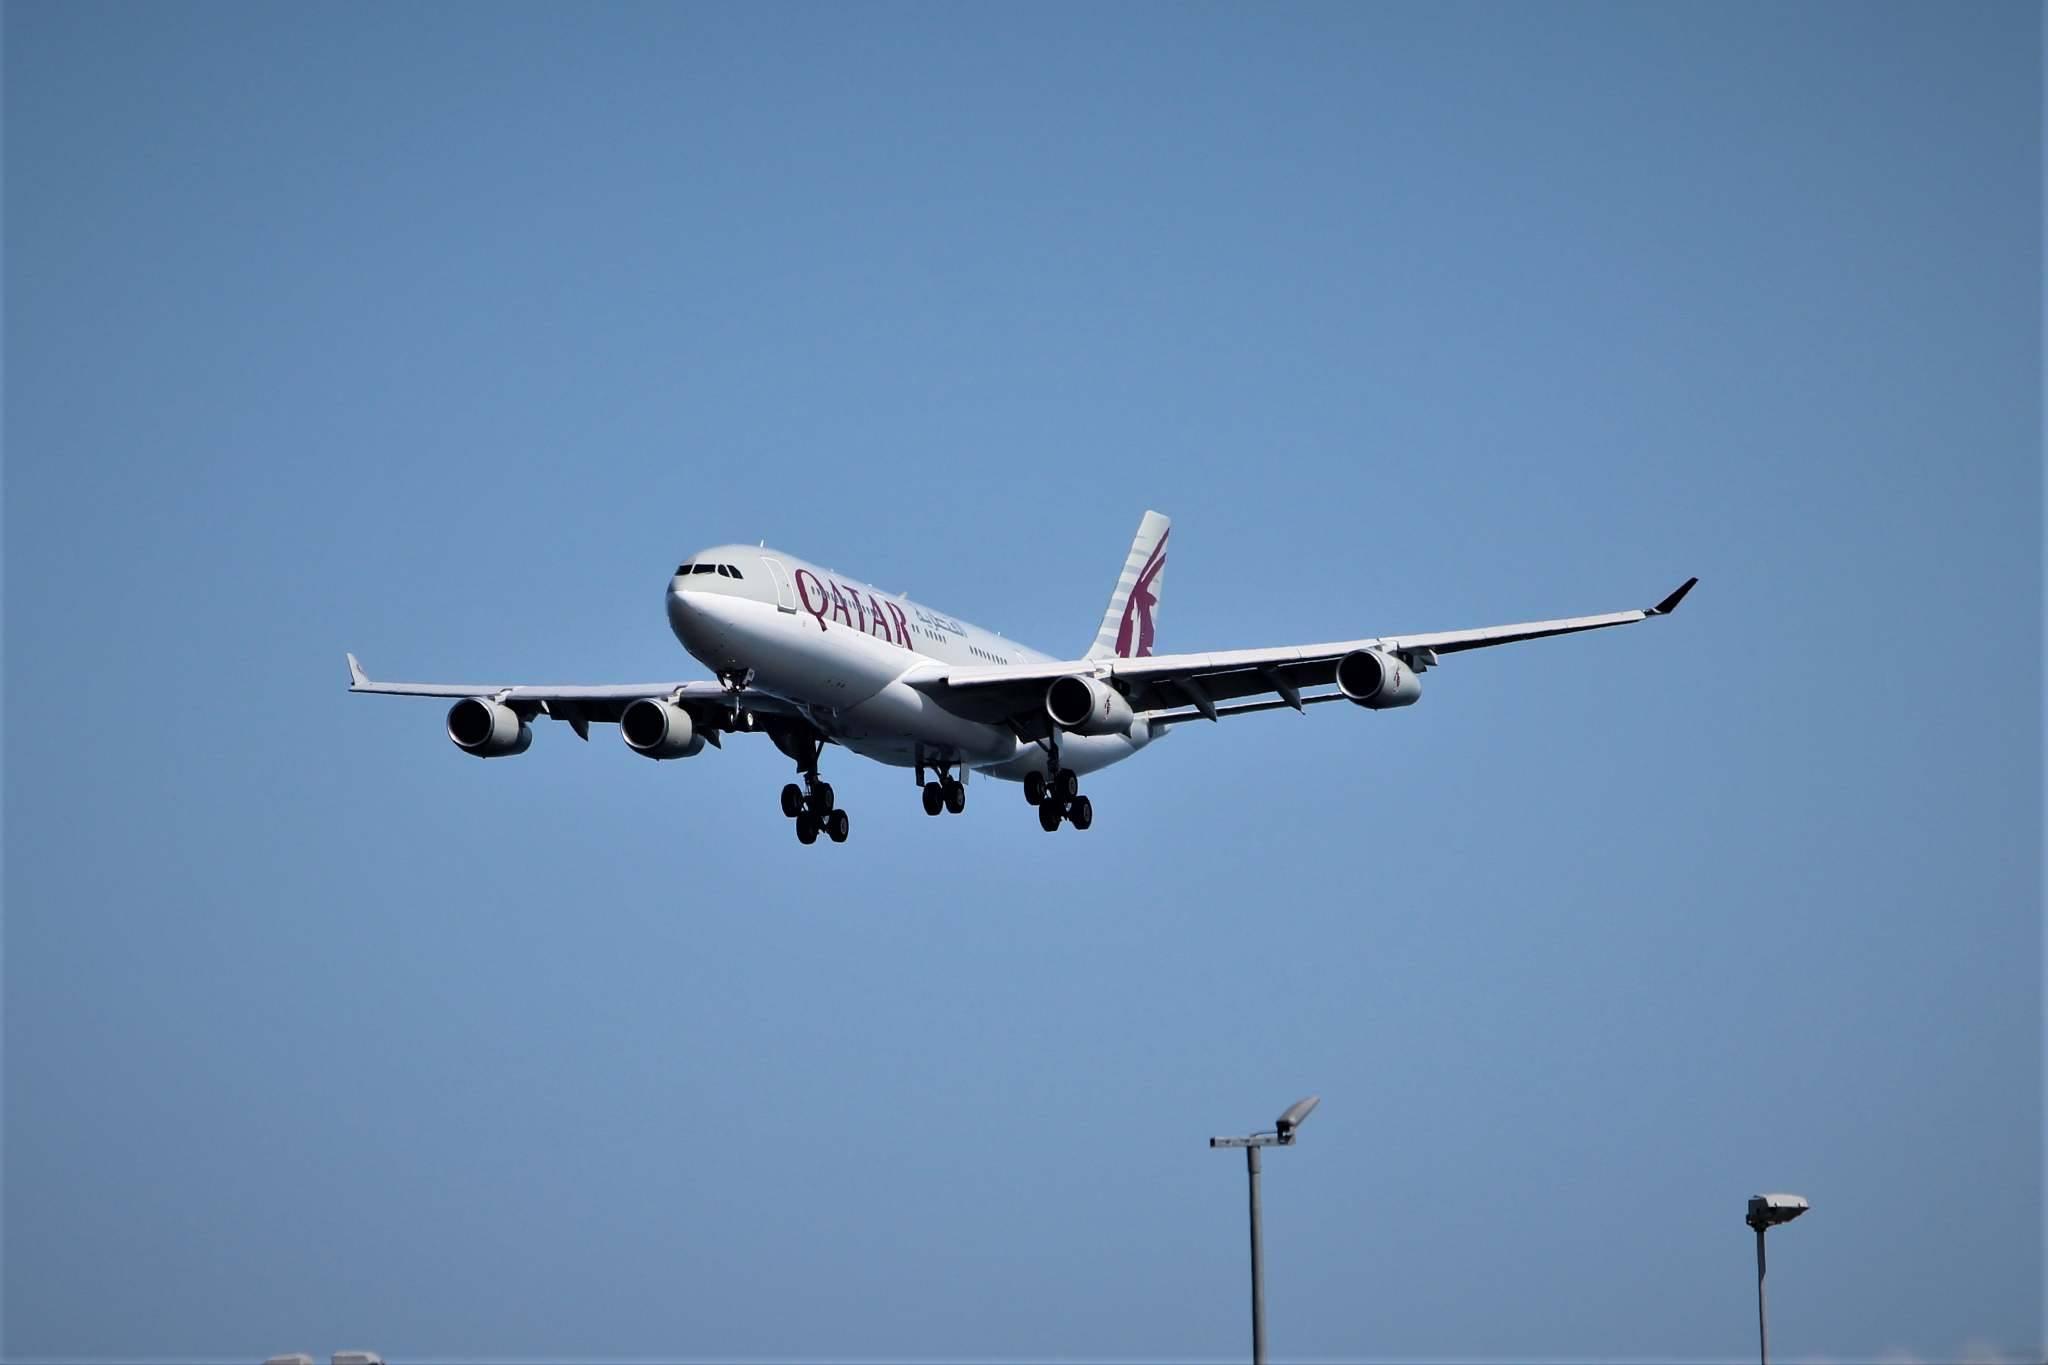 Airbus A340-200 fra Amiri Flight under landing i CPH. (Foto: Lasse Jensen)